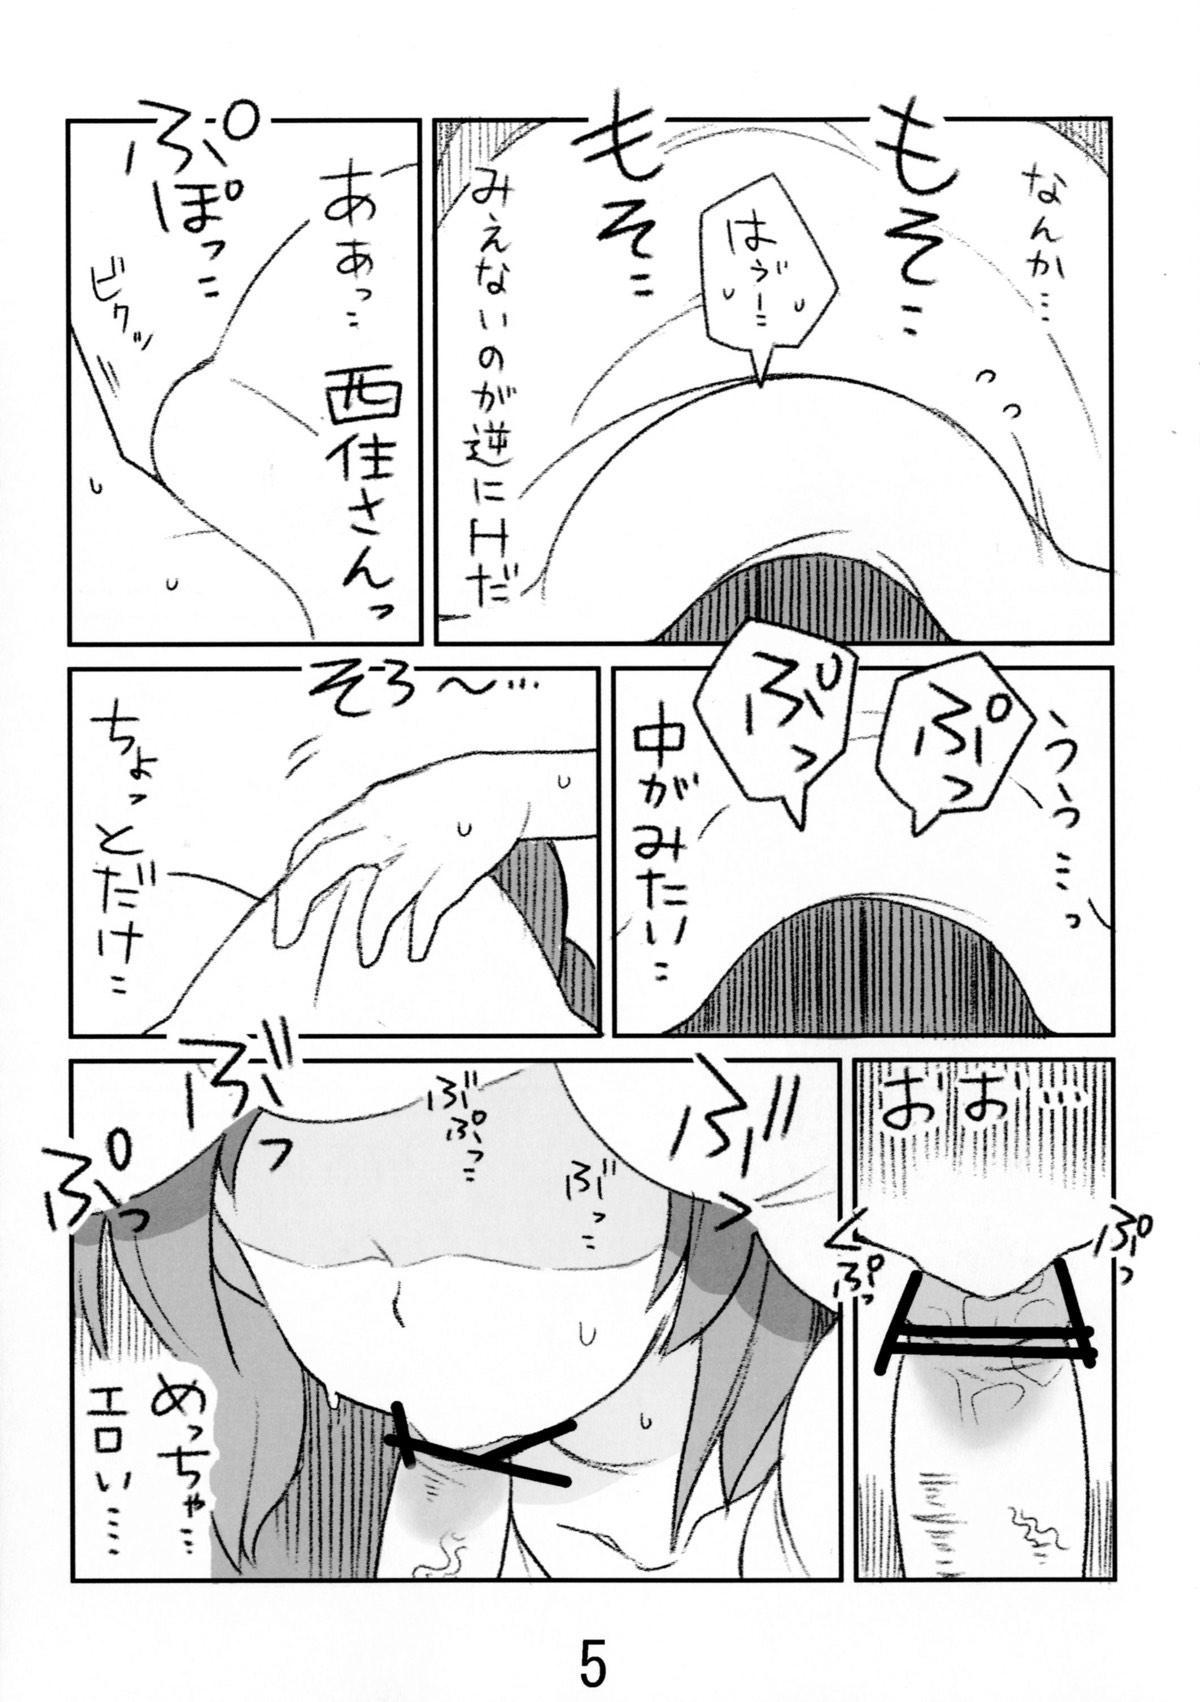 Miporin ga okuchi de suru hon 3